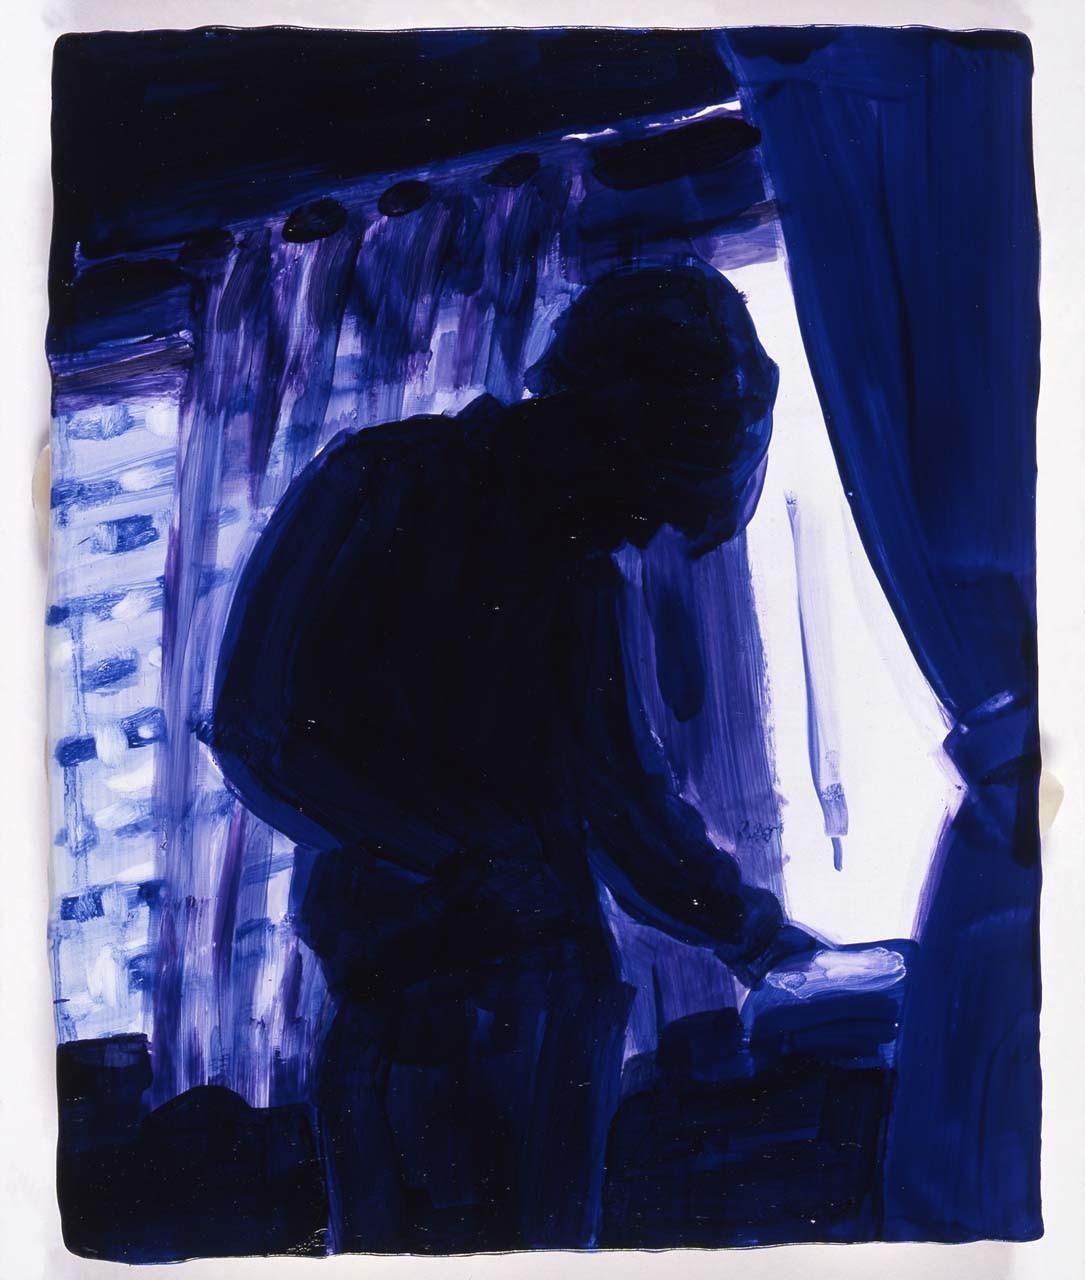 """<div class=""""artwork_caption""""><p>Tokyo (Craig) November, 1997</p></div>"""